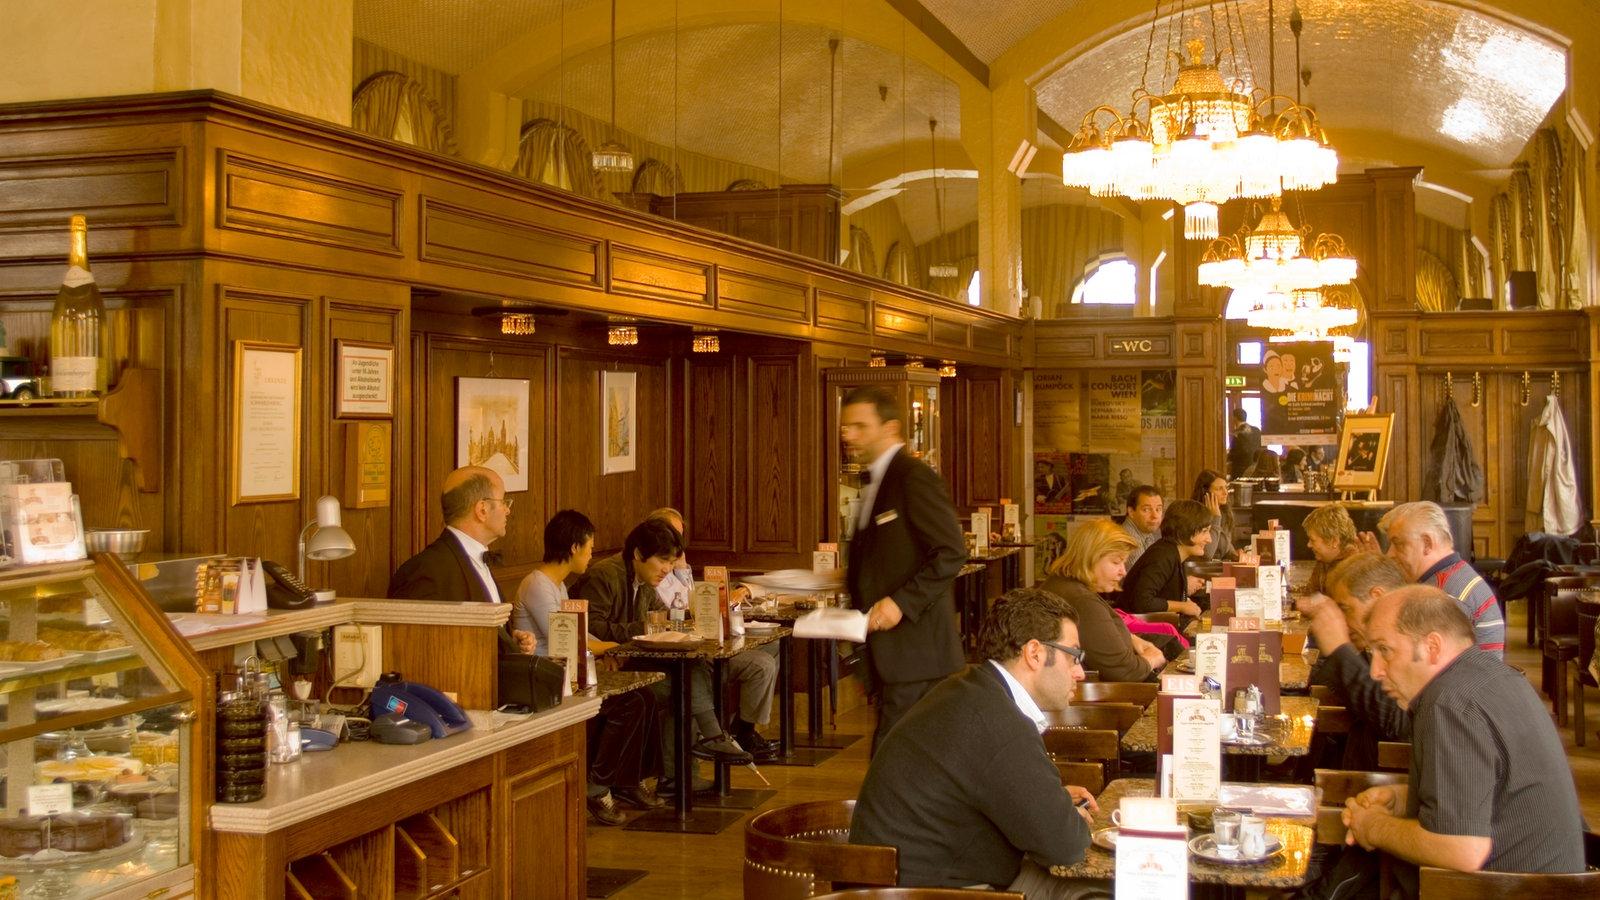 Traditionslokale Wiener Kaffeehauskultur Brauchtum